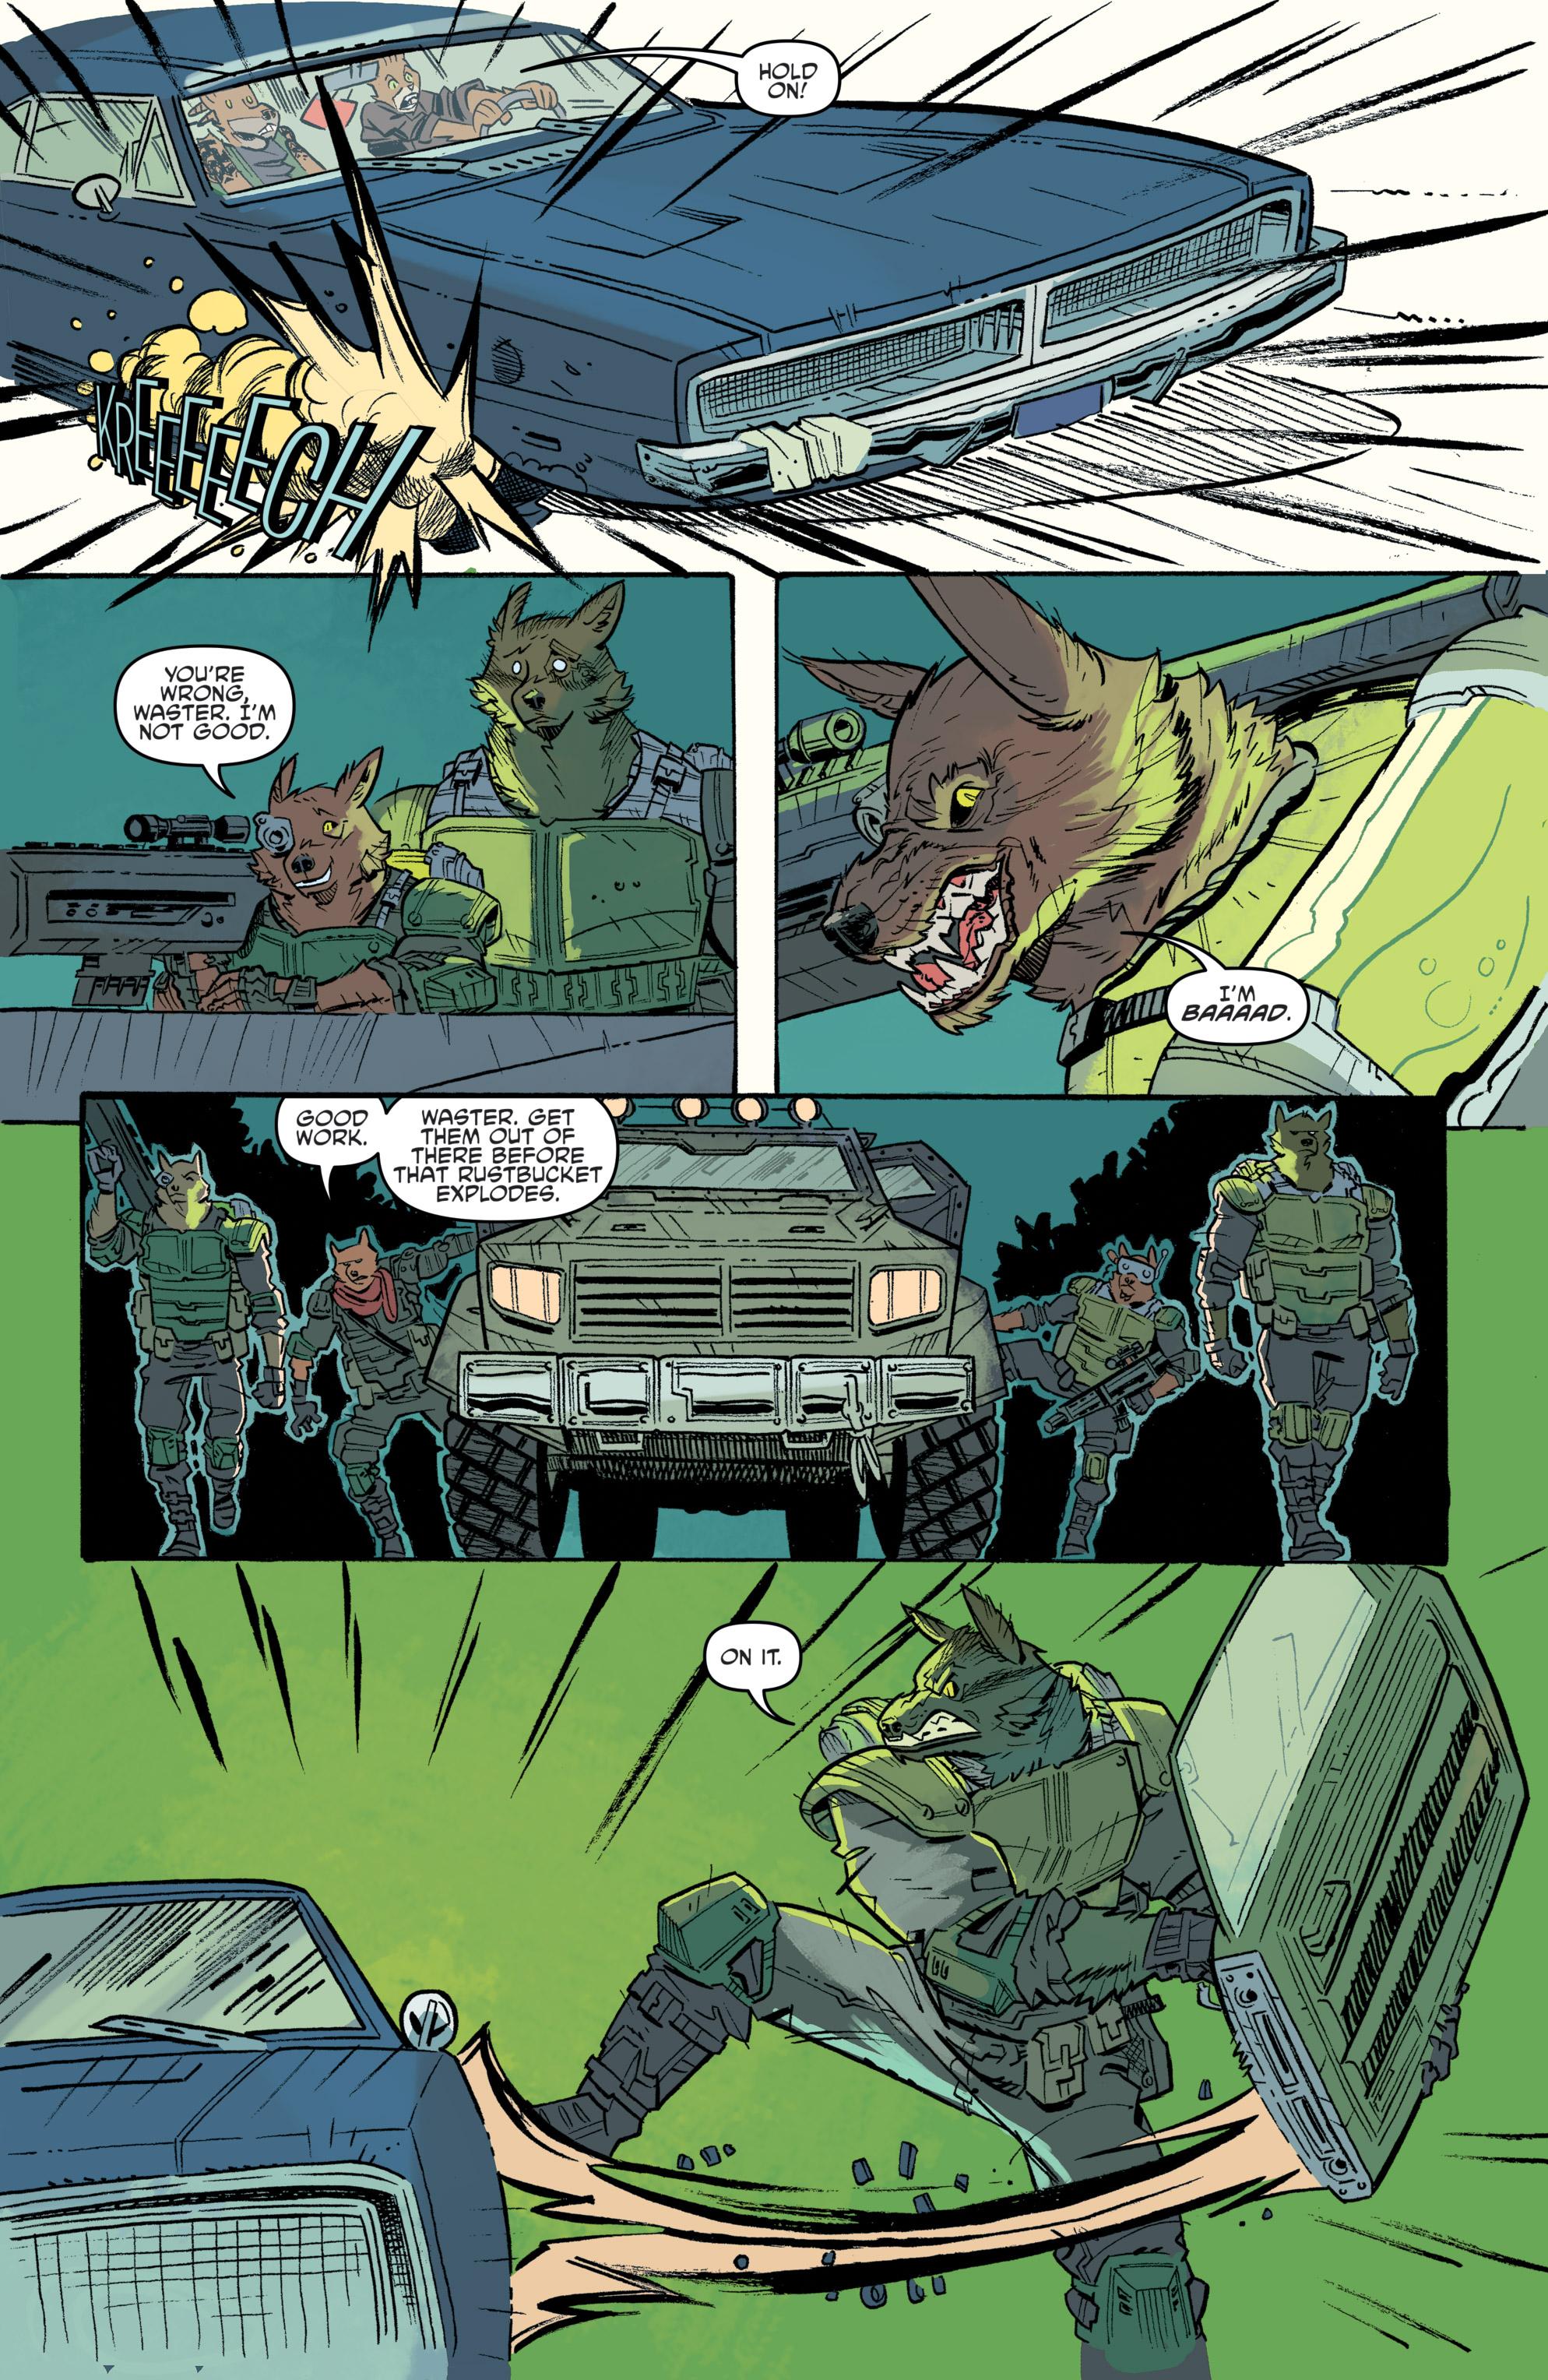 Read online Teenage Mutant Ninja Turtles Universe comic -  Issue #11 - 16